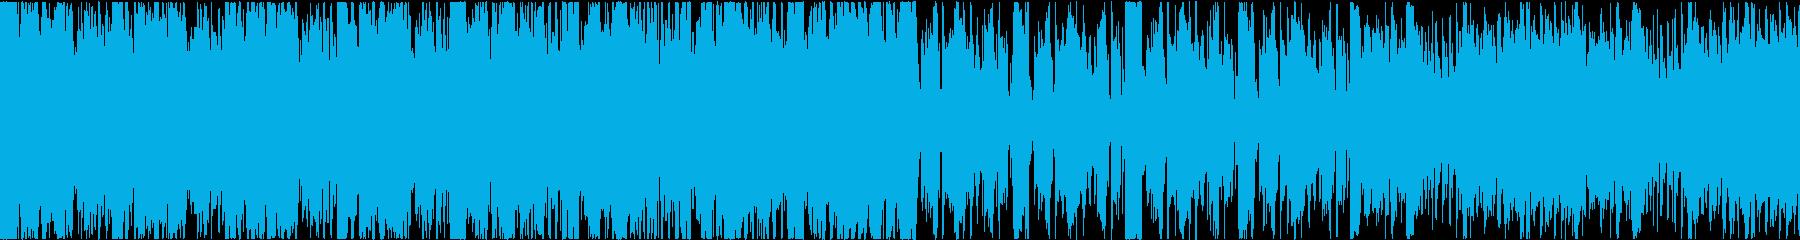 緊迫感 失踪 走る 和風 テクノ 太鼓の再生済みの波形